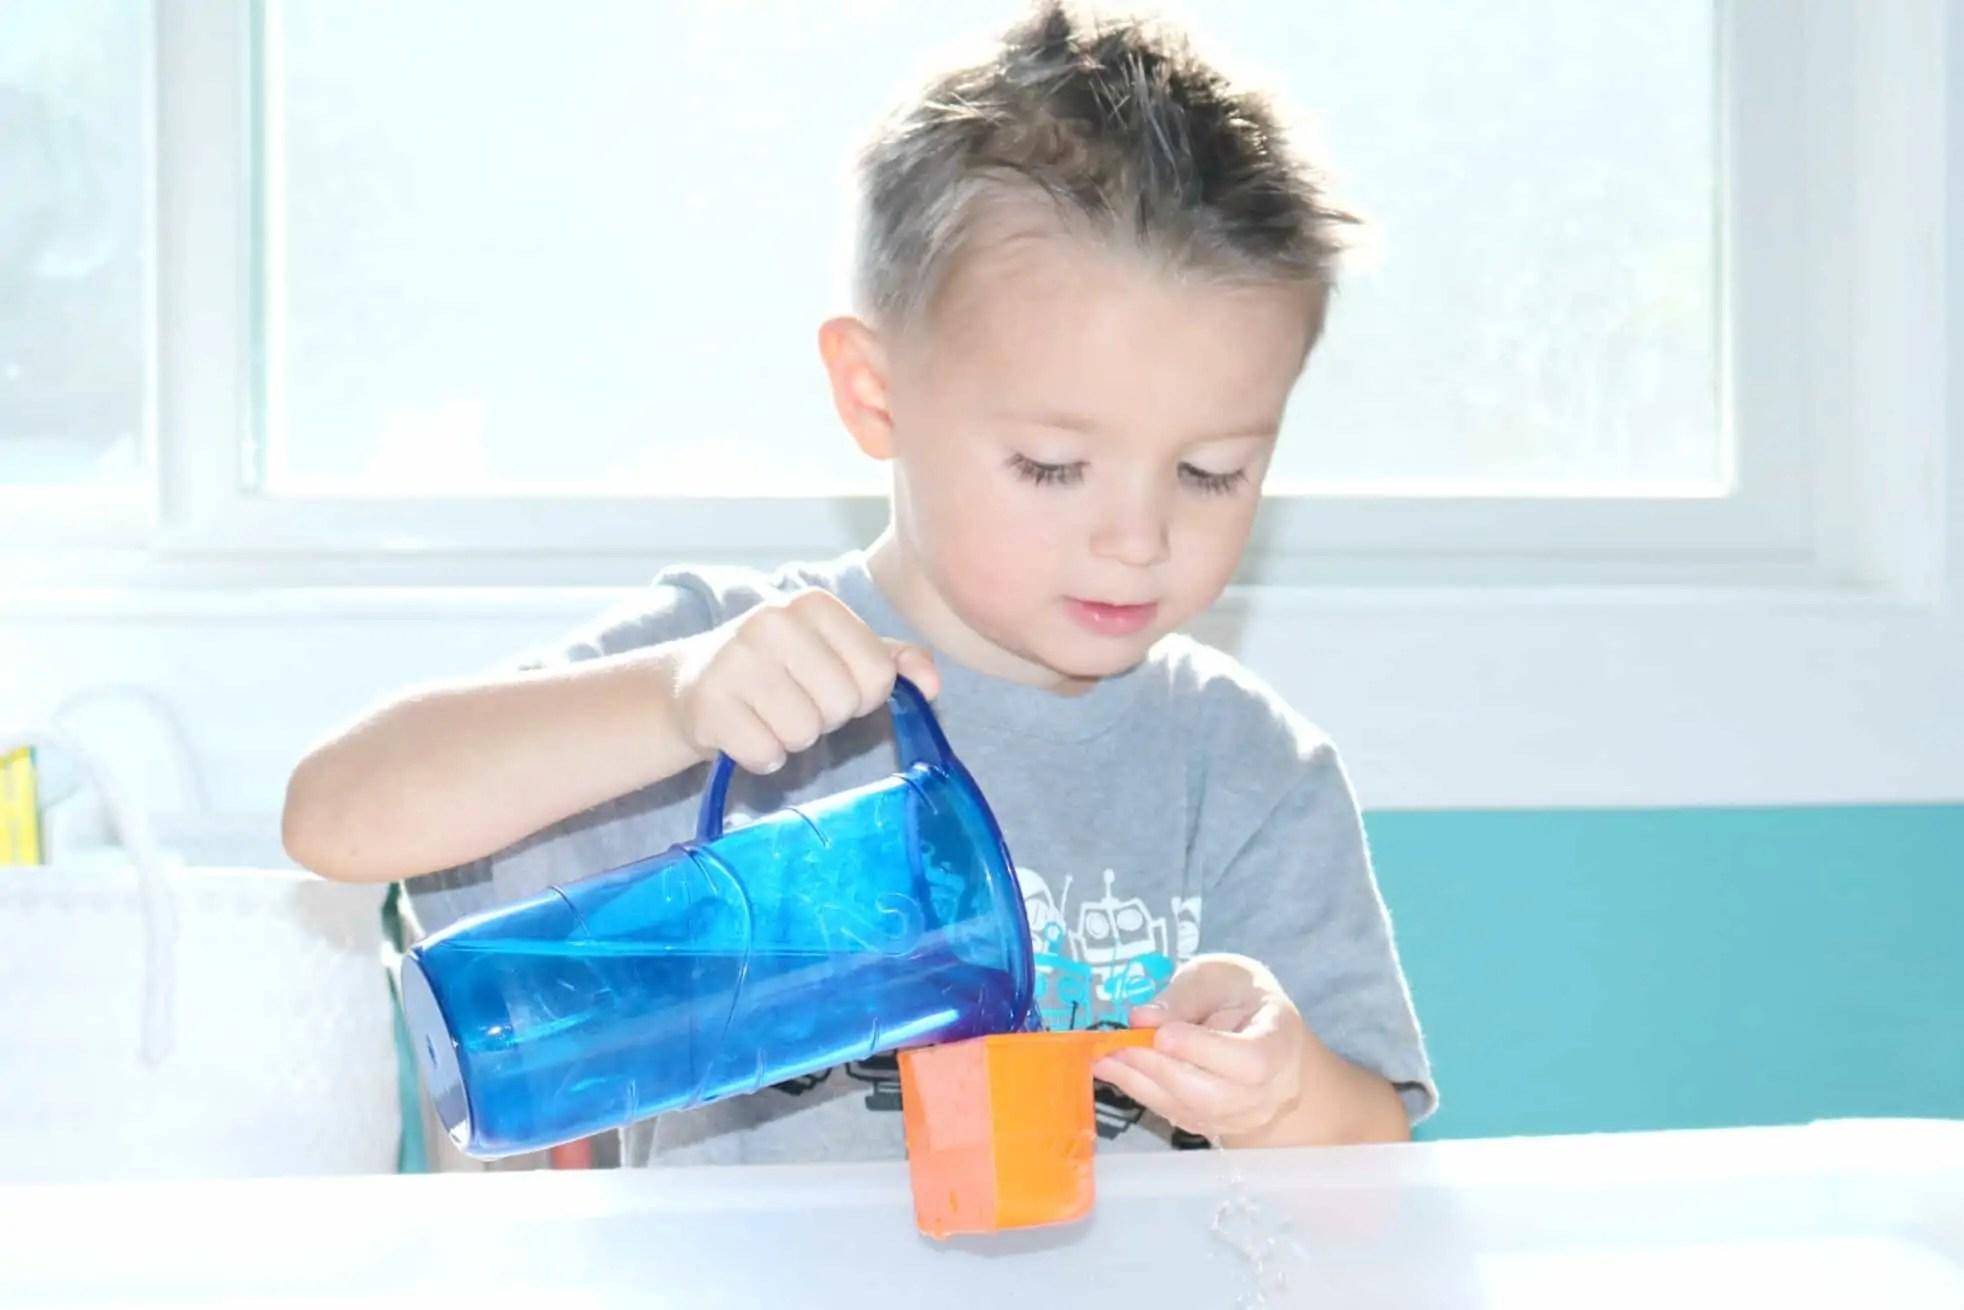 Scoop Estimation Activity For Preschoolers